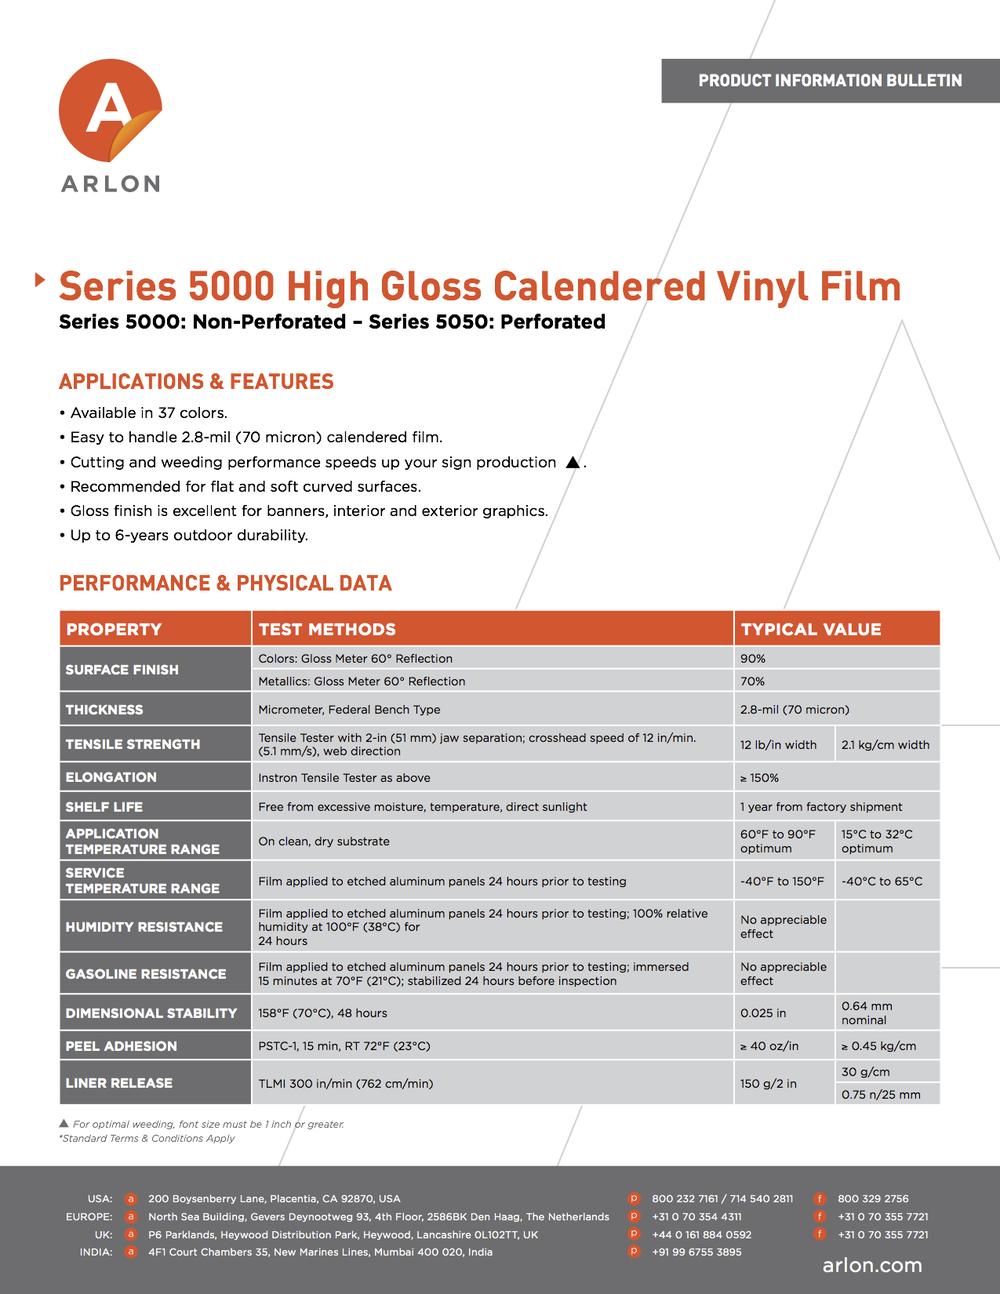 Series 5000 PIB_LR.jpg